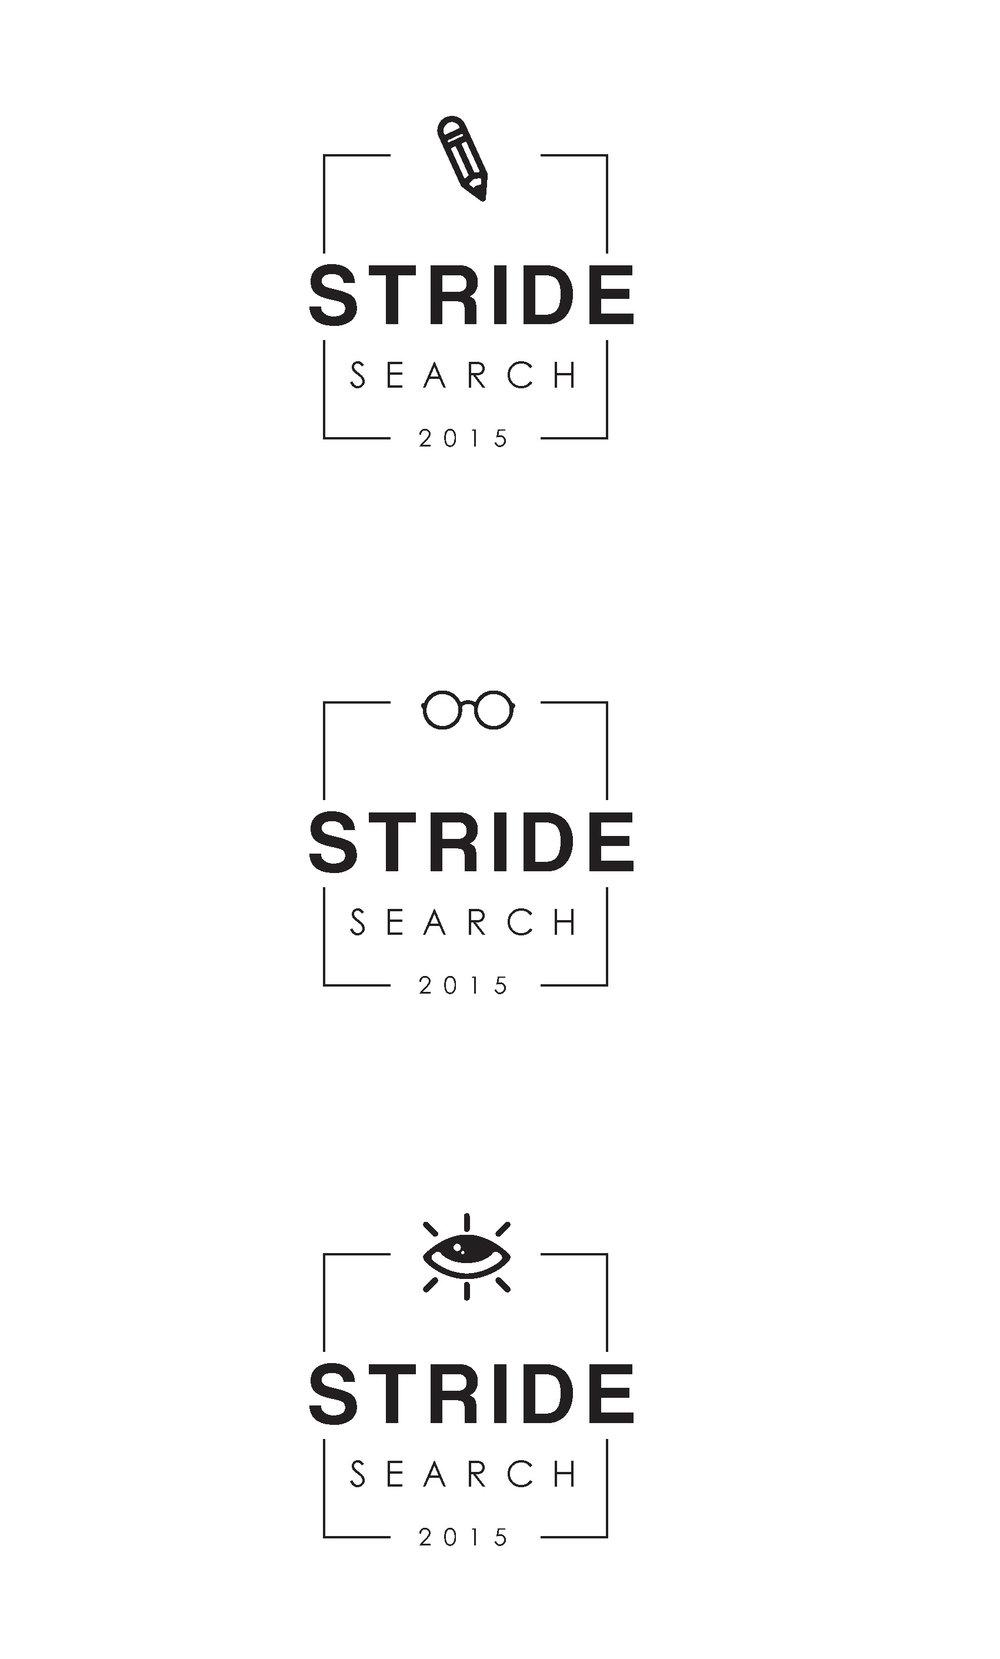 stride search concept 2 art